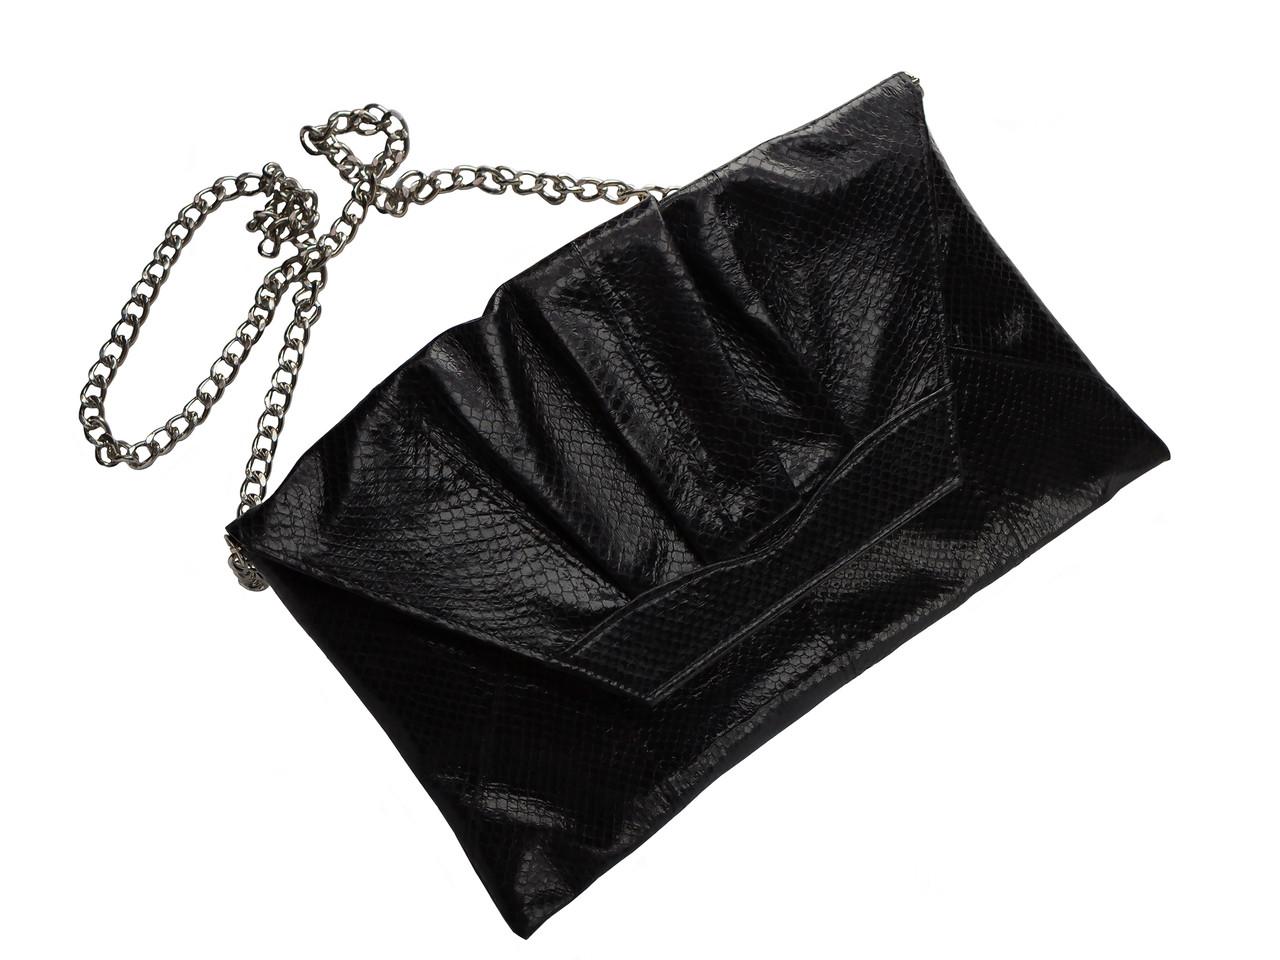 Клатч из кожи морской змеи  Ekzotic Leather Черный (snc 08)